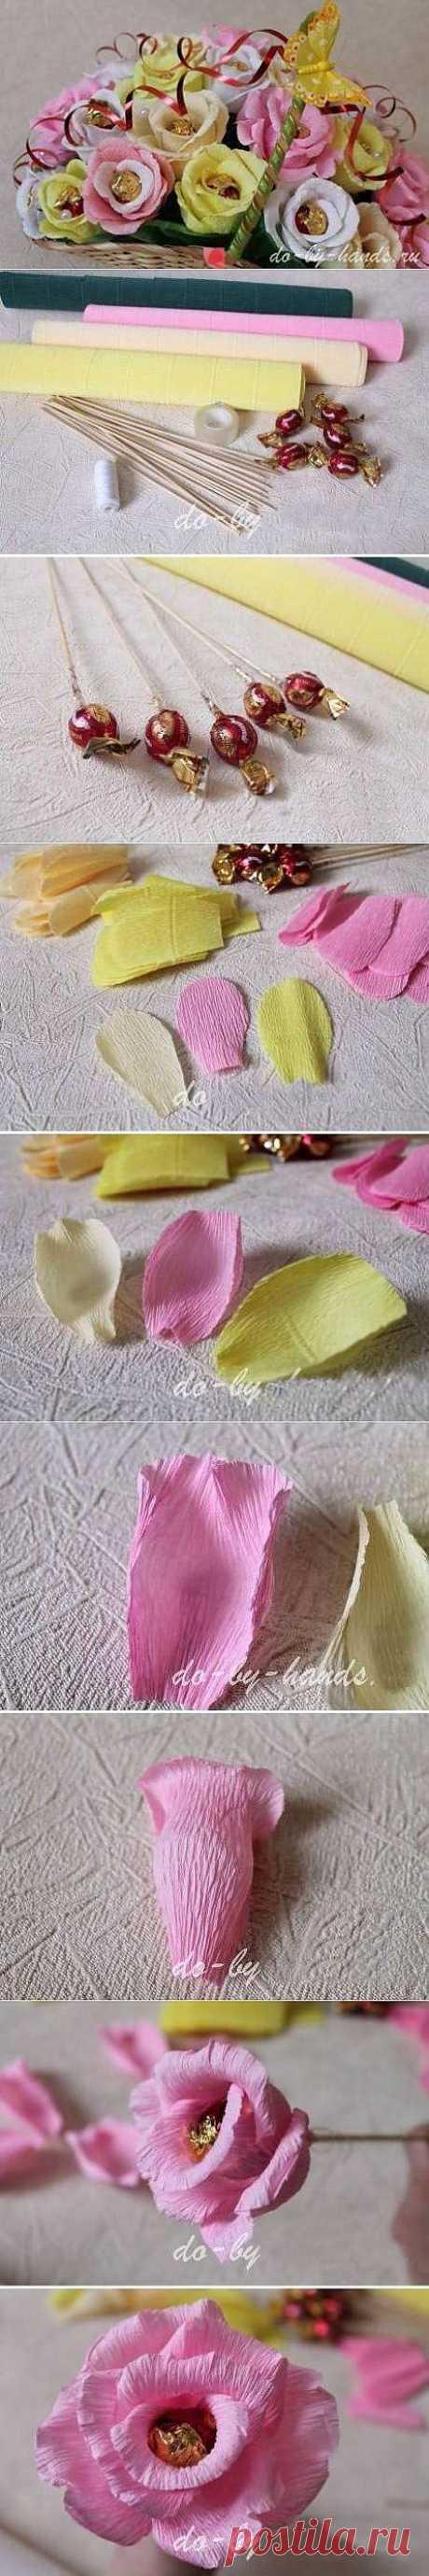 Нежный букет из конфет   СВОИМИ РУКАМИ